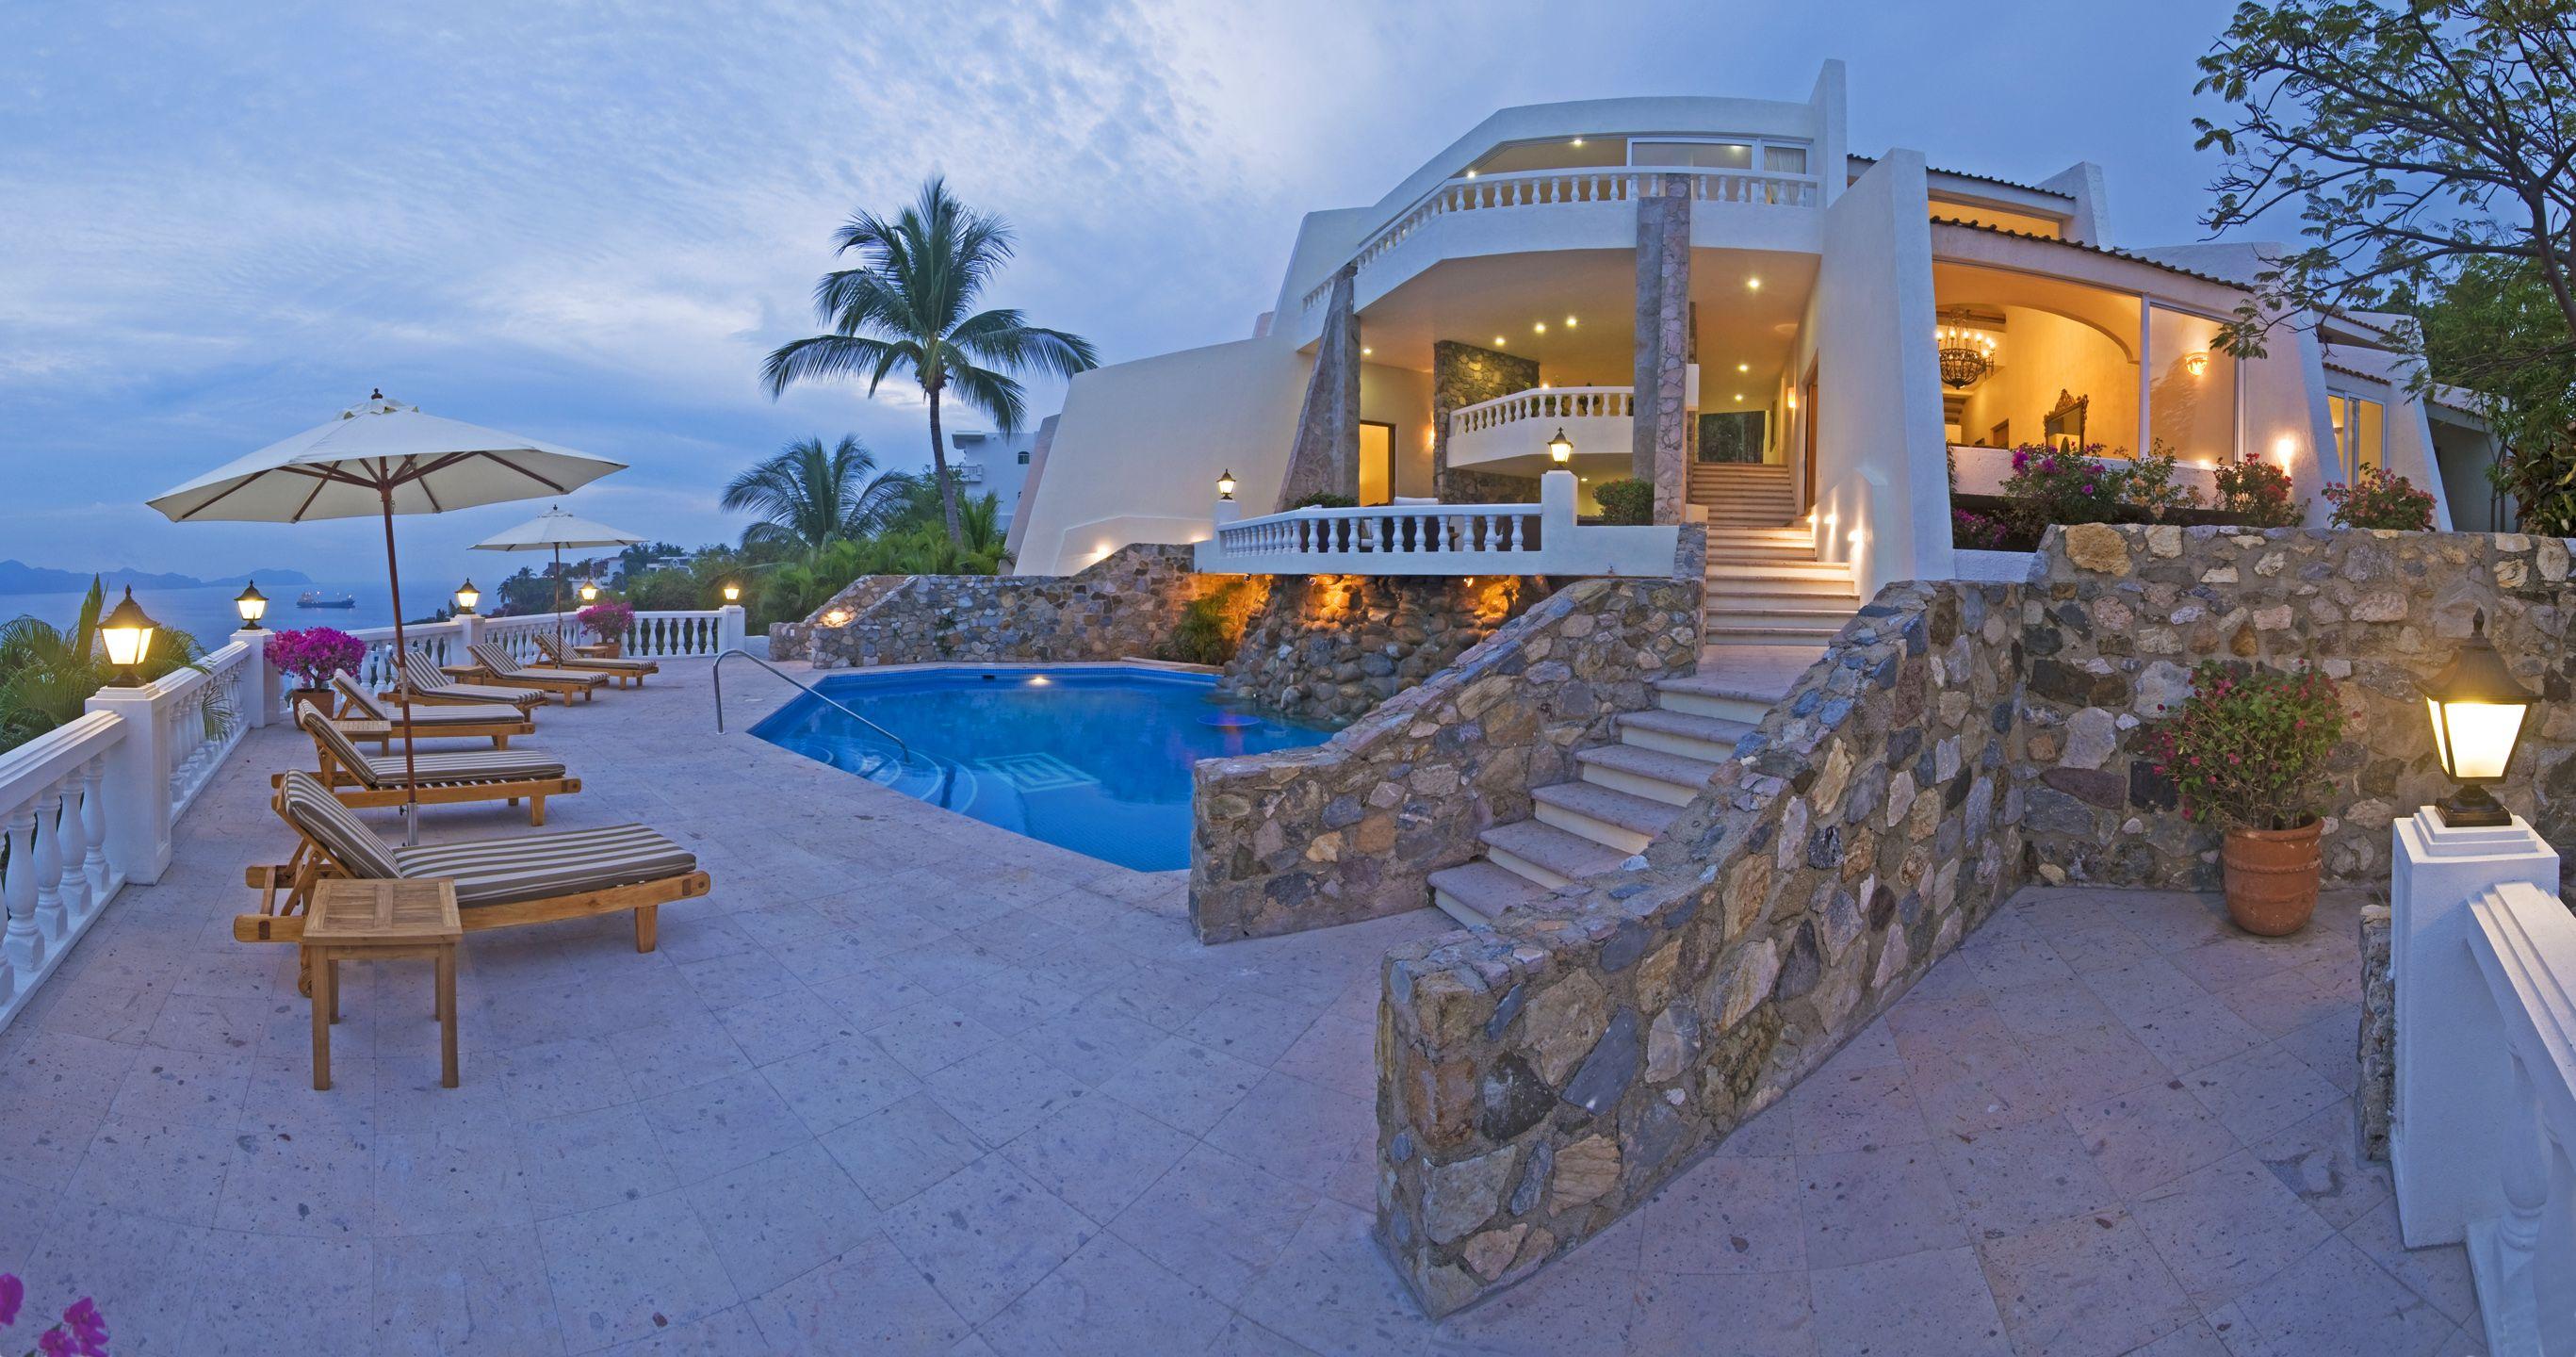 Villa Casablanca Manzanillo Luxury villa rentals, Beautiful villas